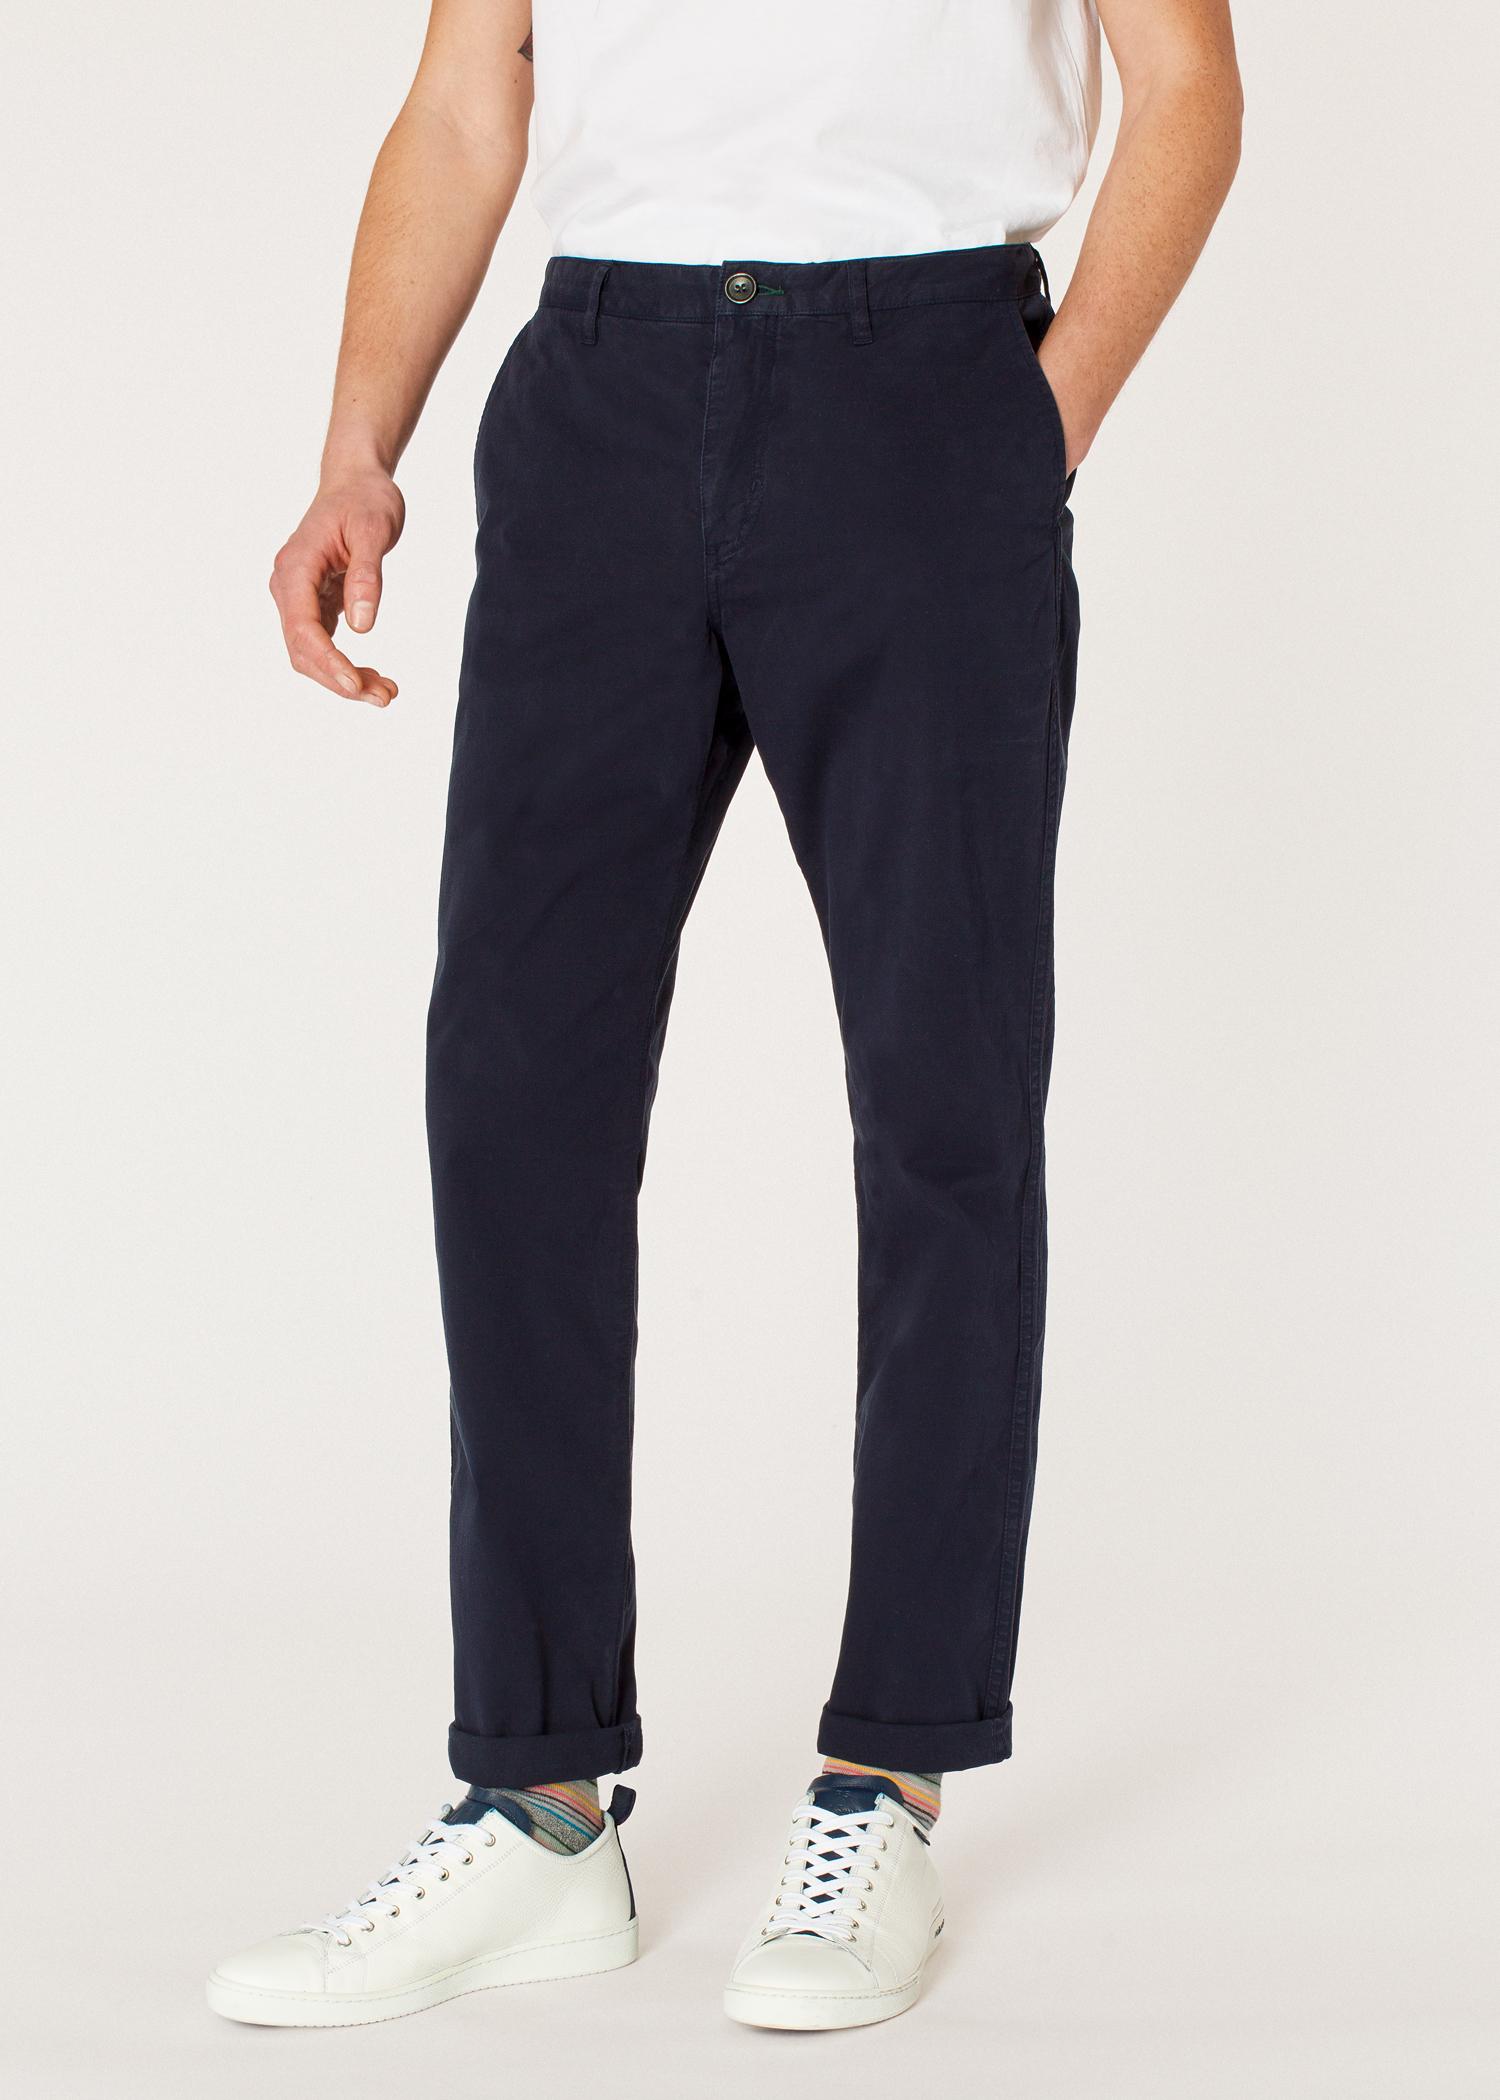 815bbb9d7a44e Pantalon Homme Bleu Marine Foncé En Coton Stretch Coupe Fuseau